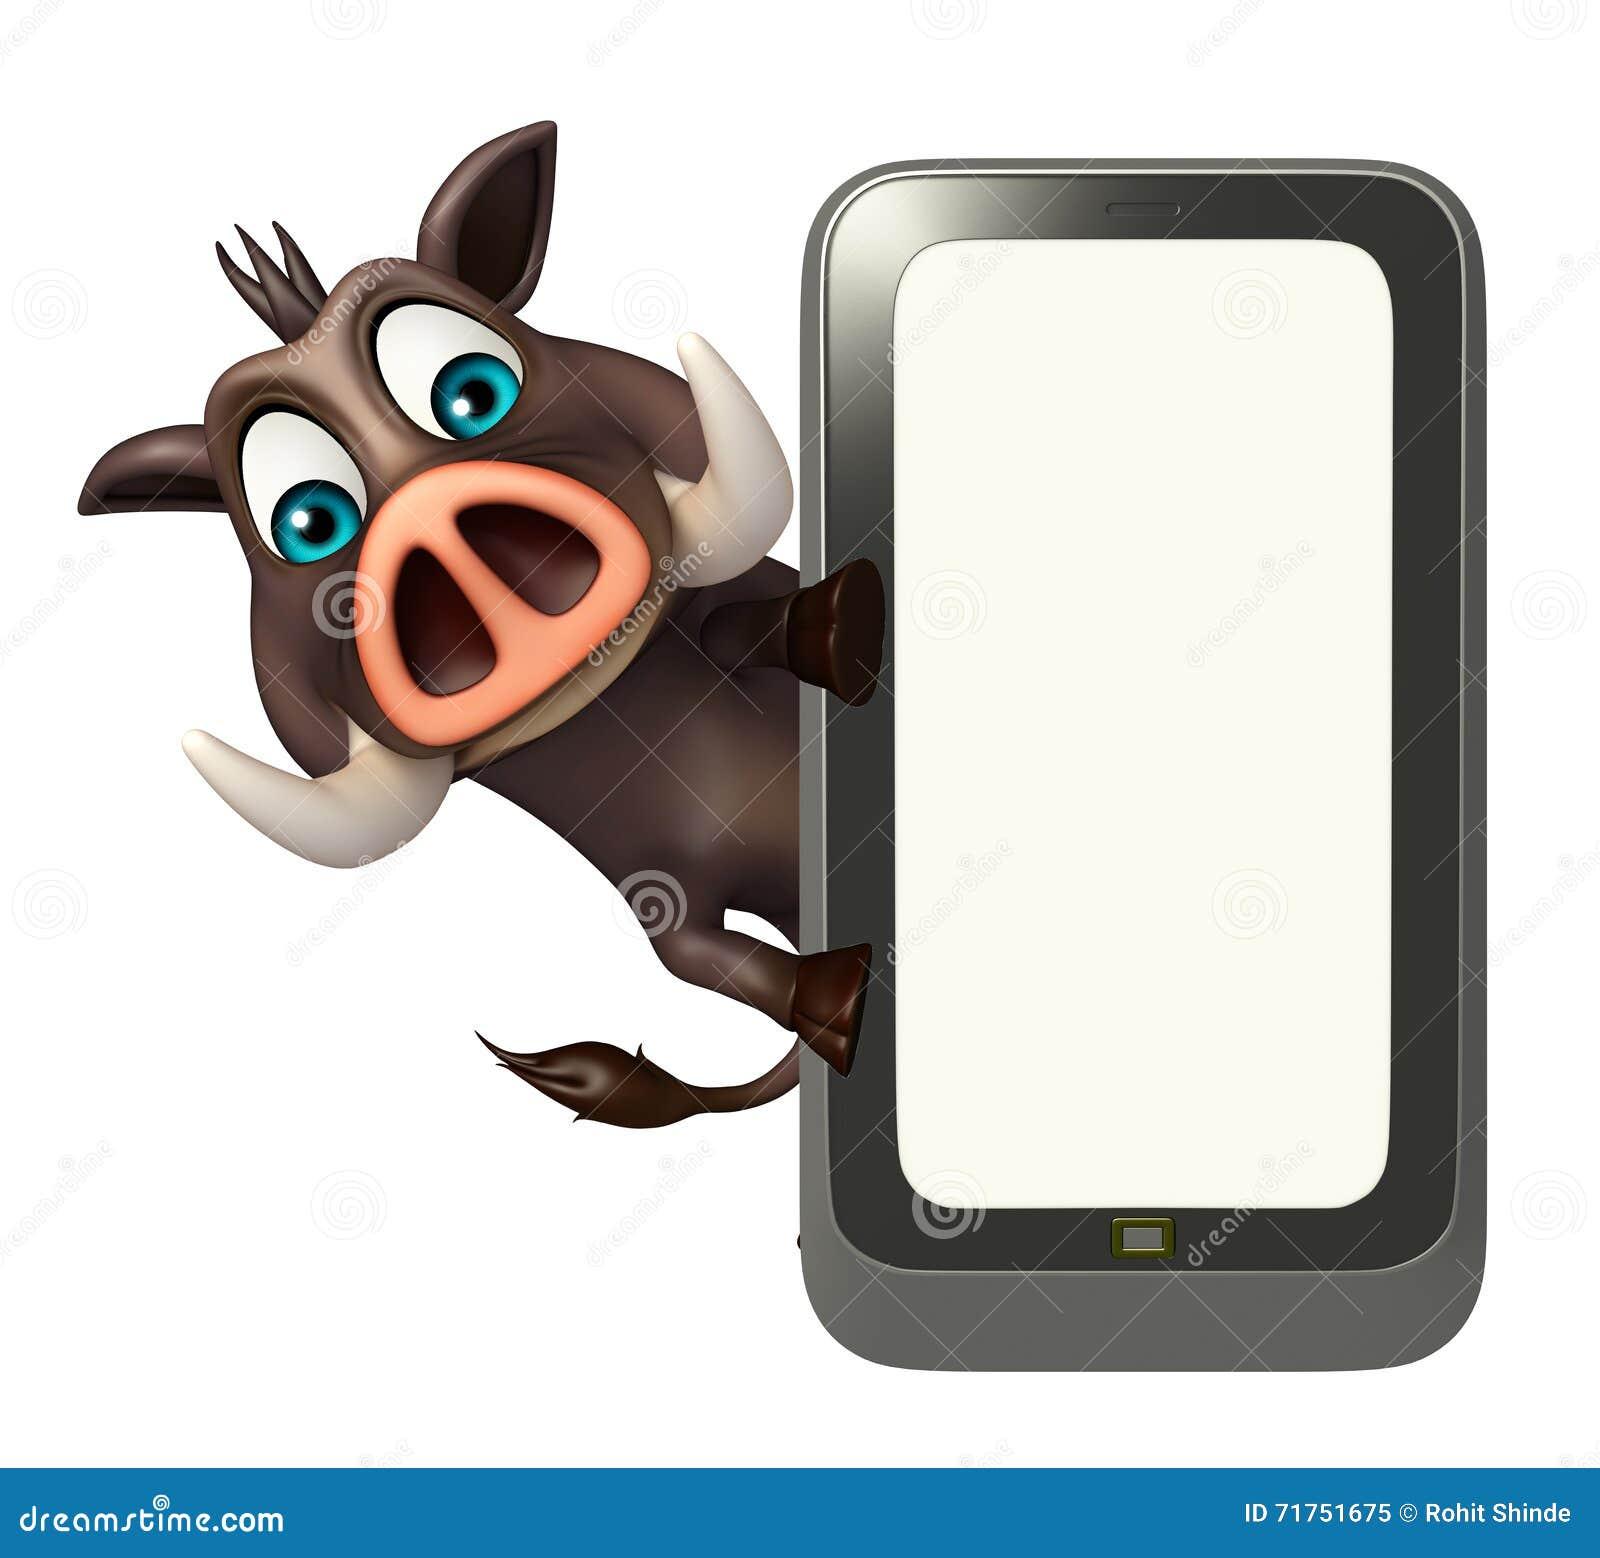 Χαριτωμένος χαρακτήρας κινουμένων σχεδίων κάπρων με κινητό